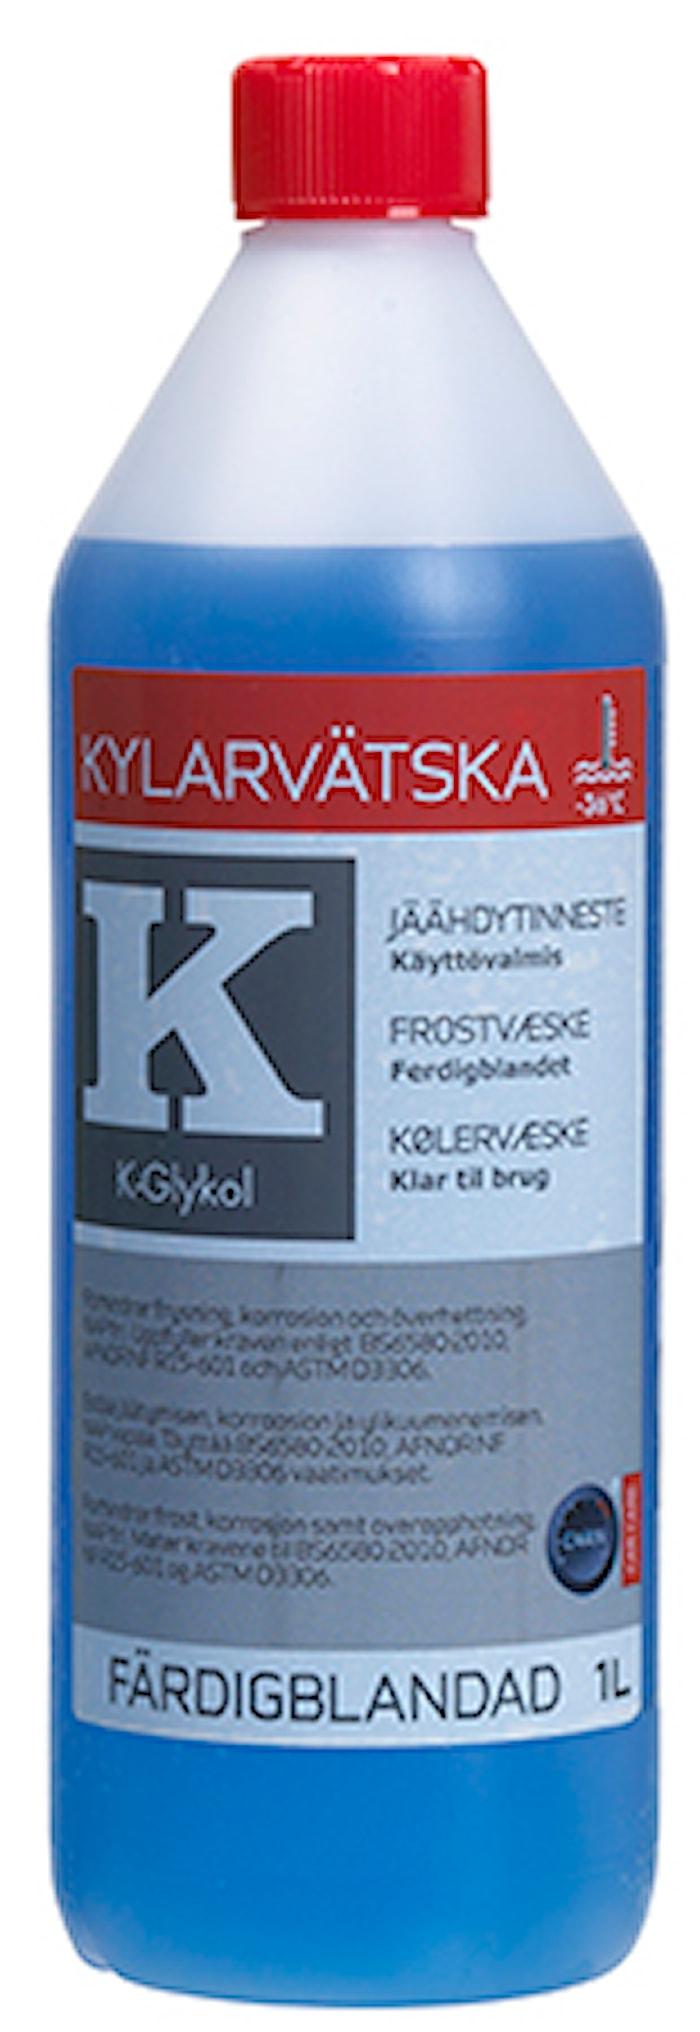 Kylarvätska K-Glykol BS6580 Fb